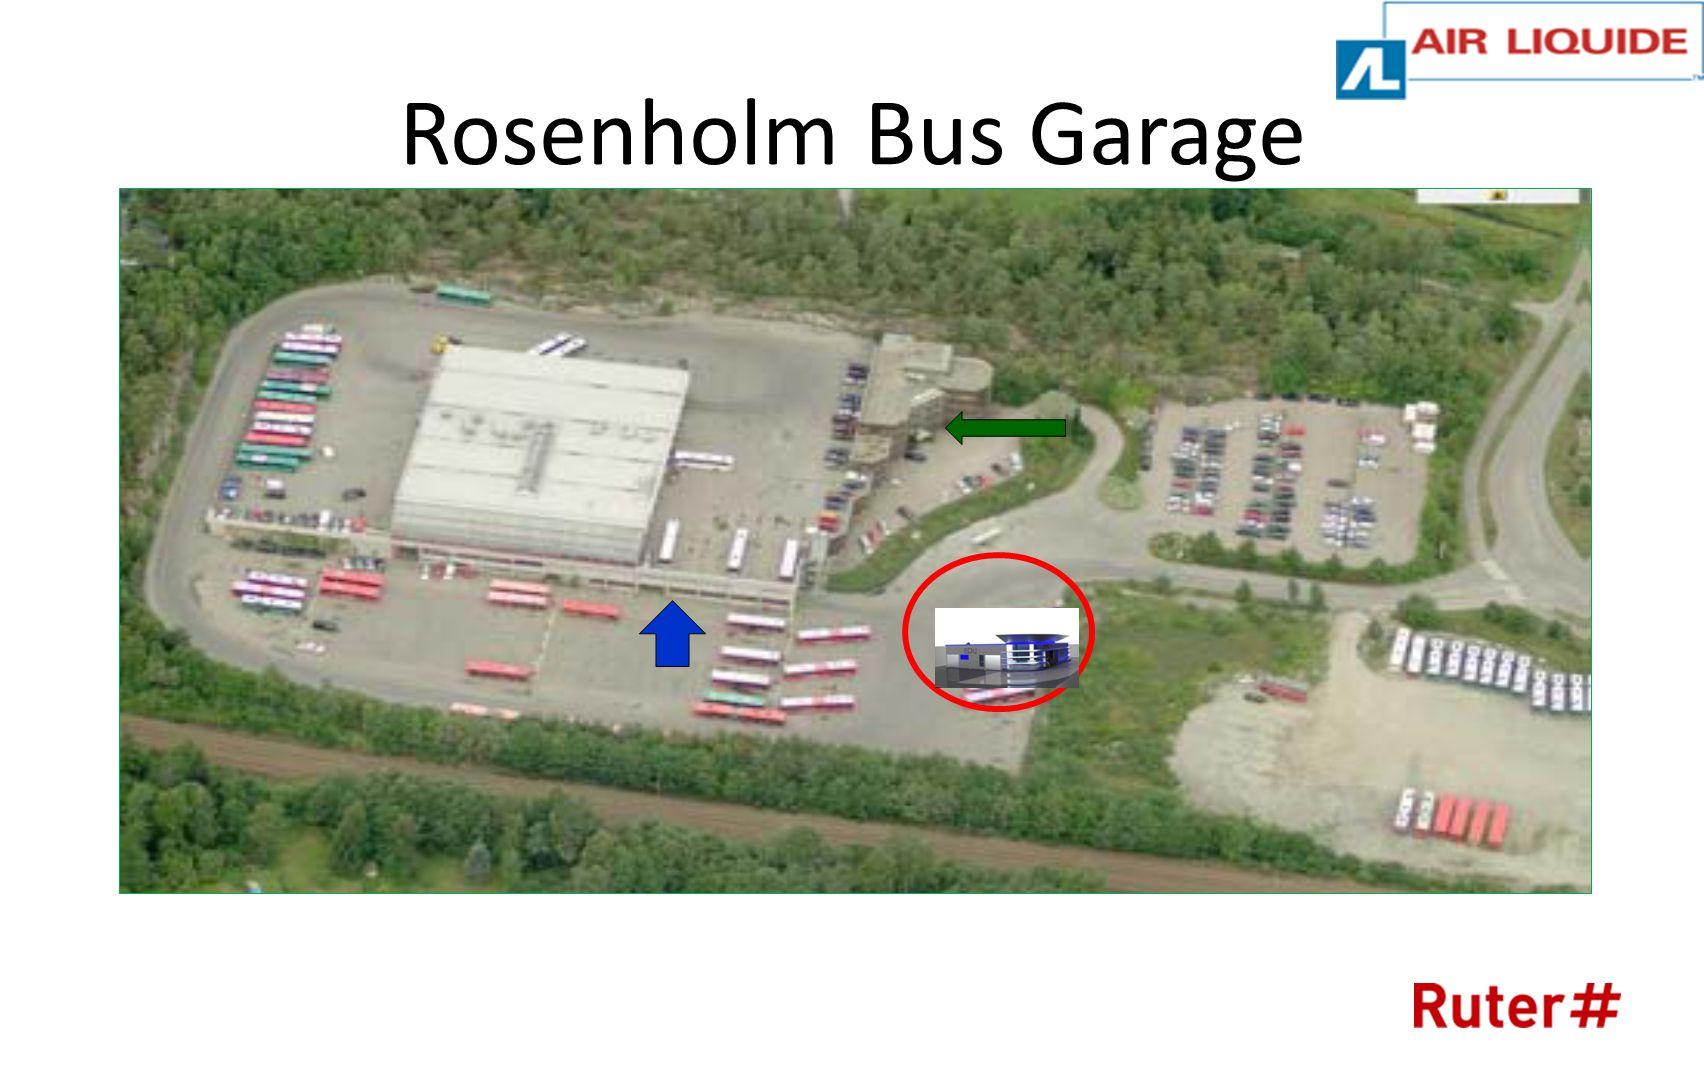 Rosenholm Bus Garage